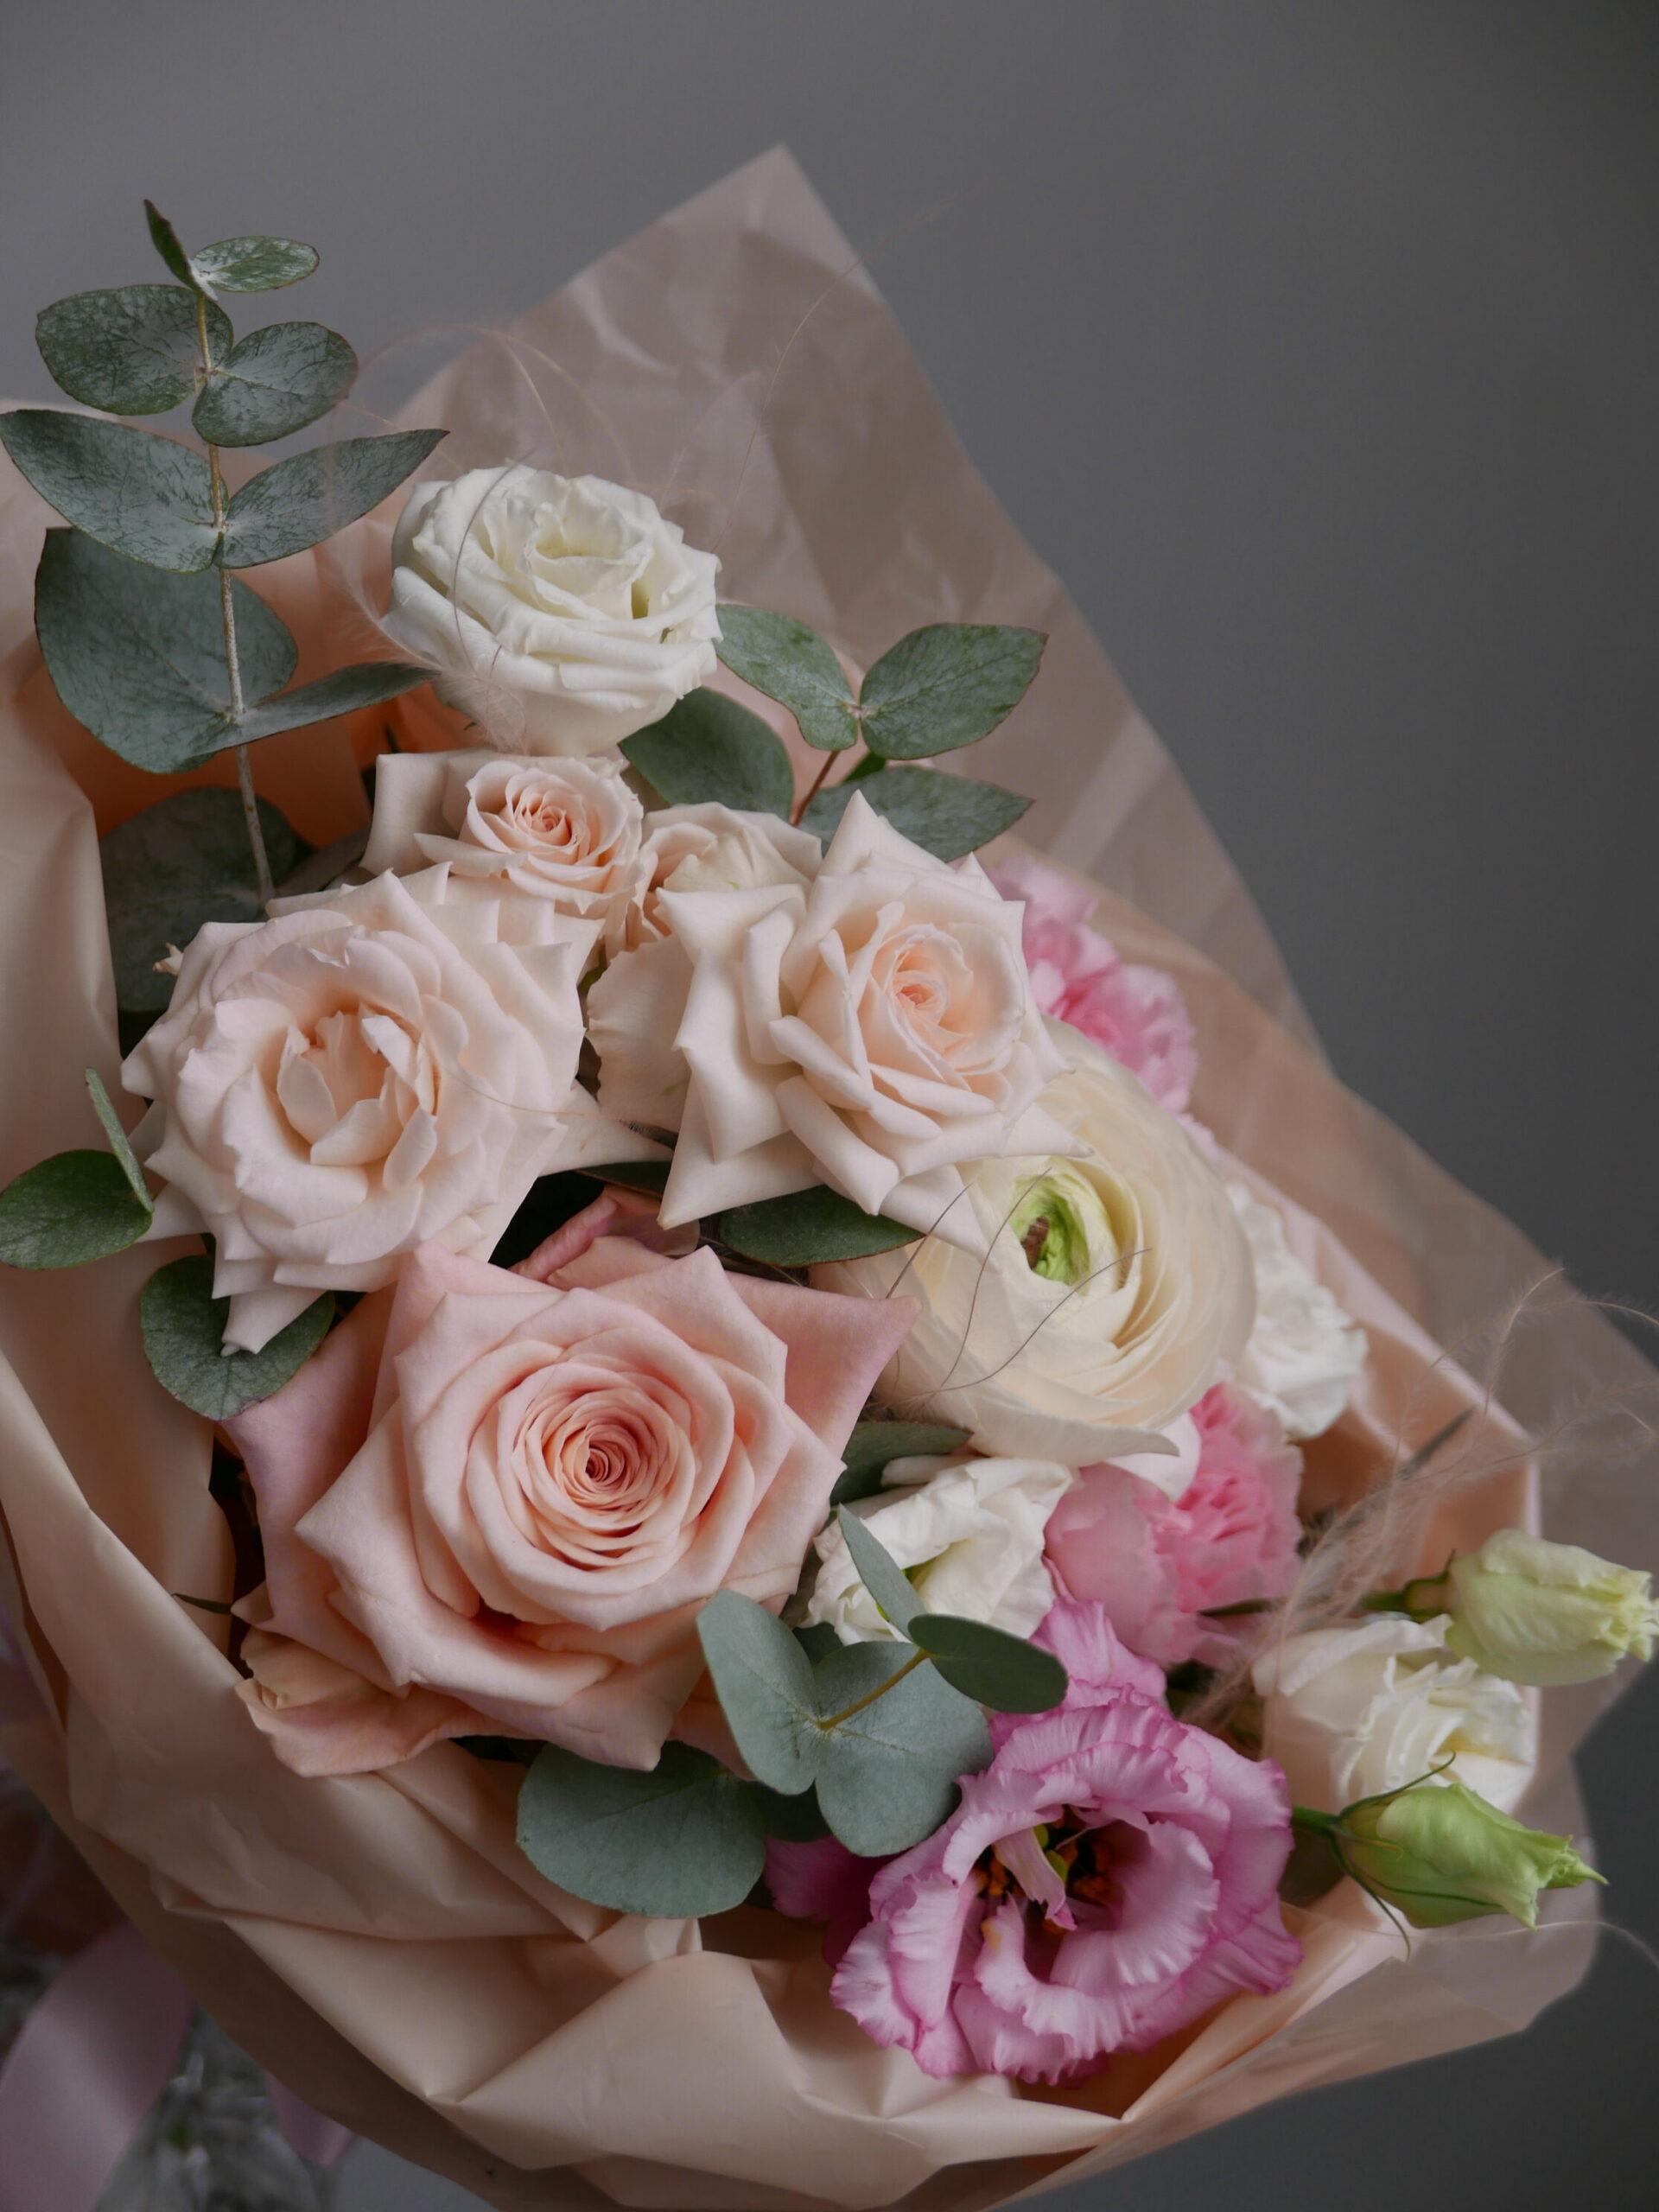 Небольшой букет с розами и ранункулюсом